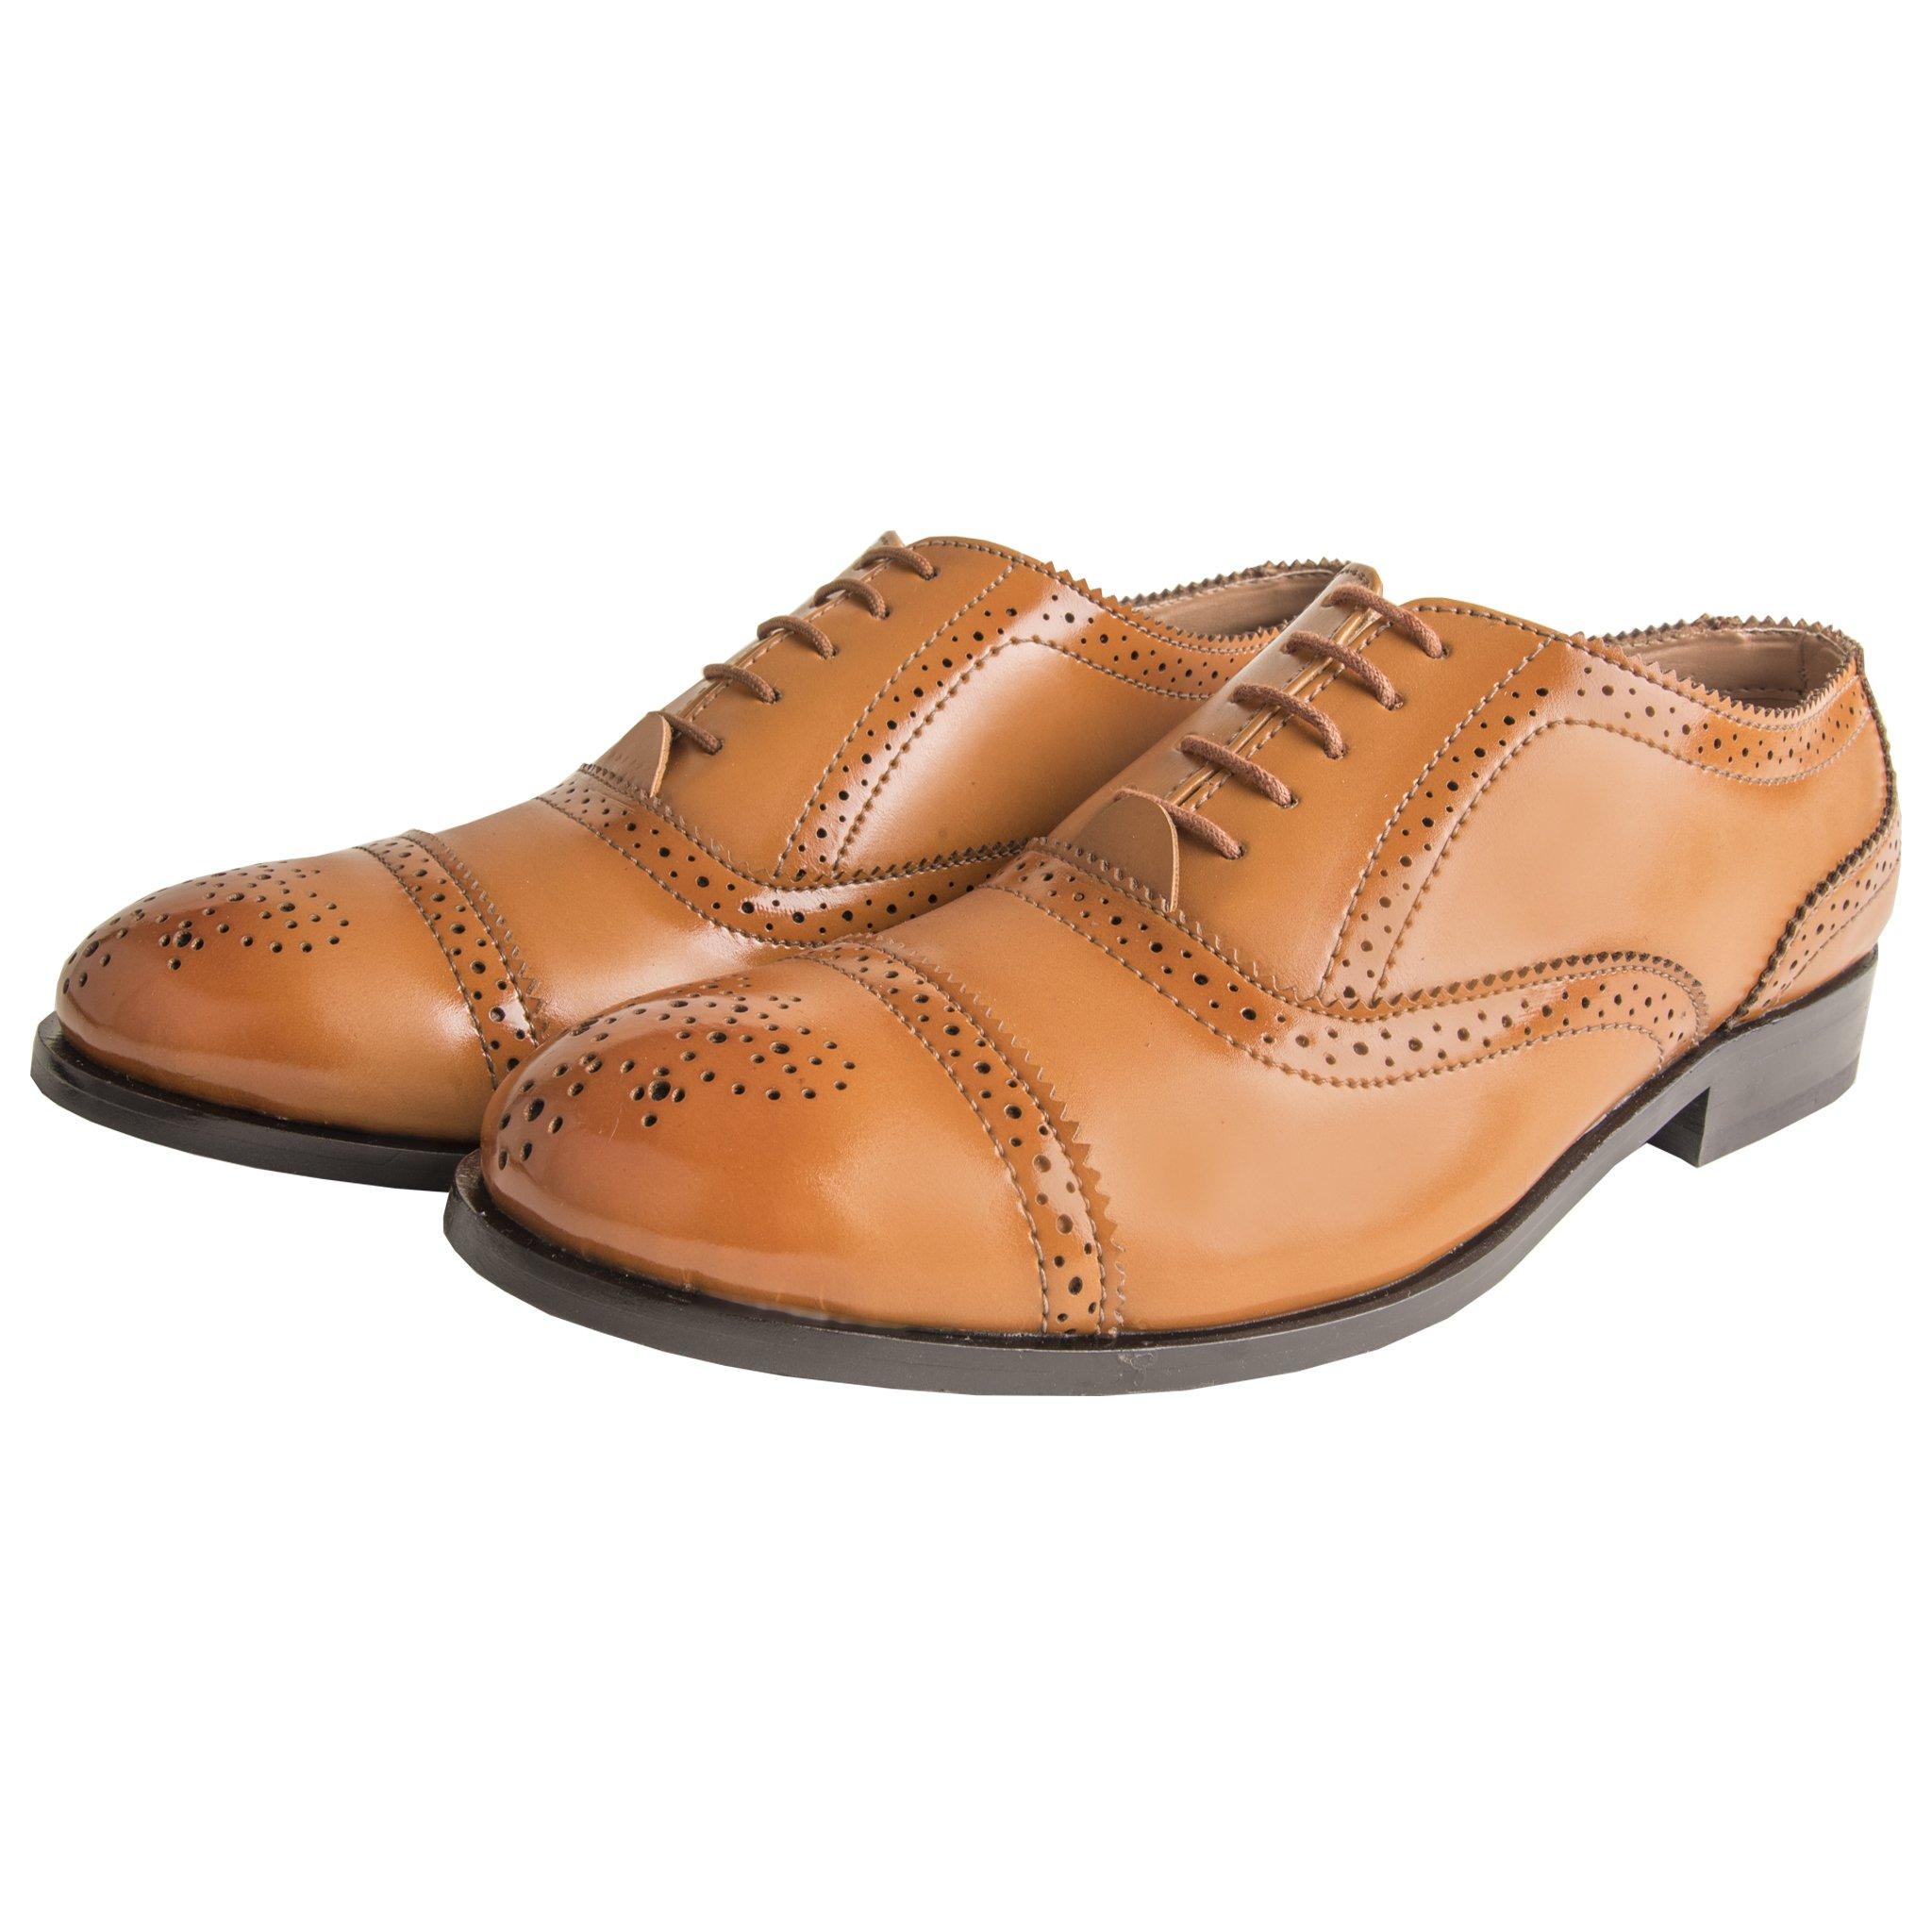 elitous Full Brogues Formal Shoes (tan)